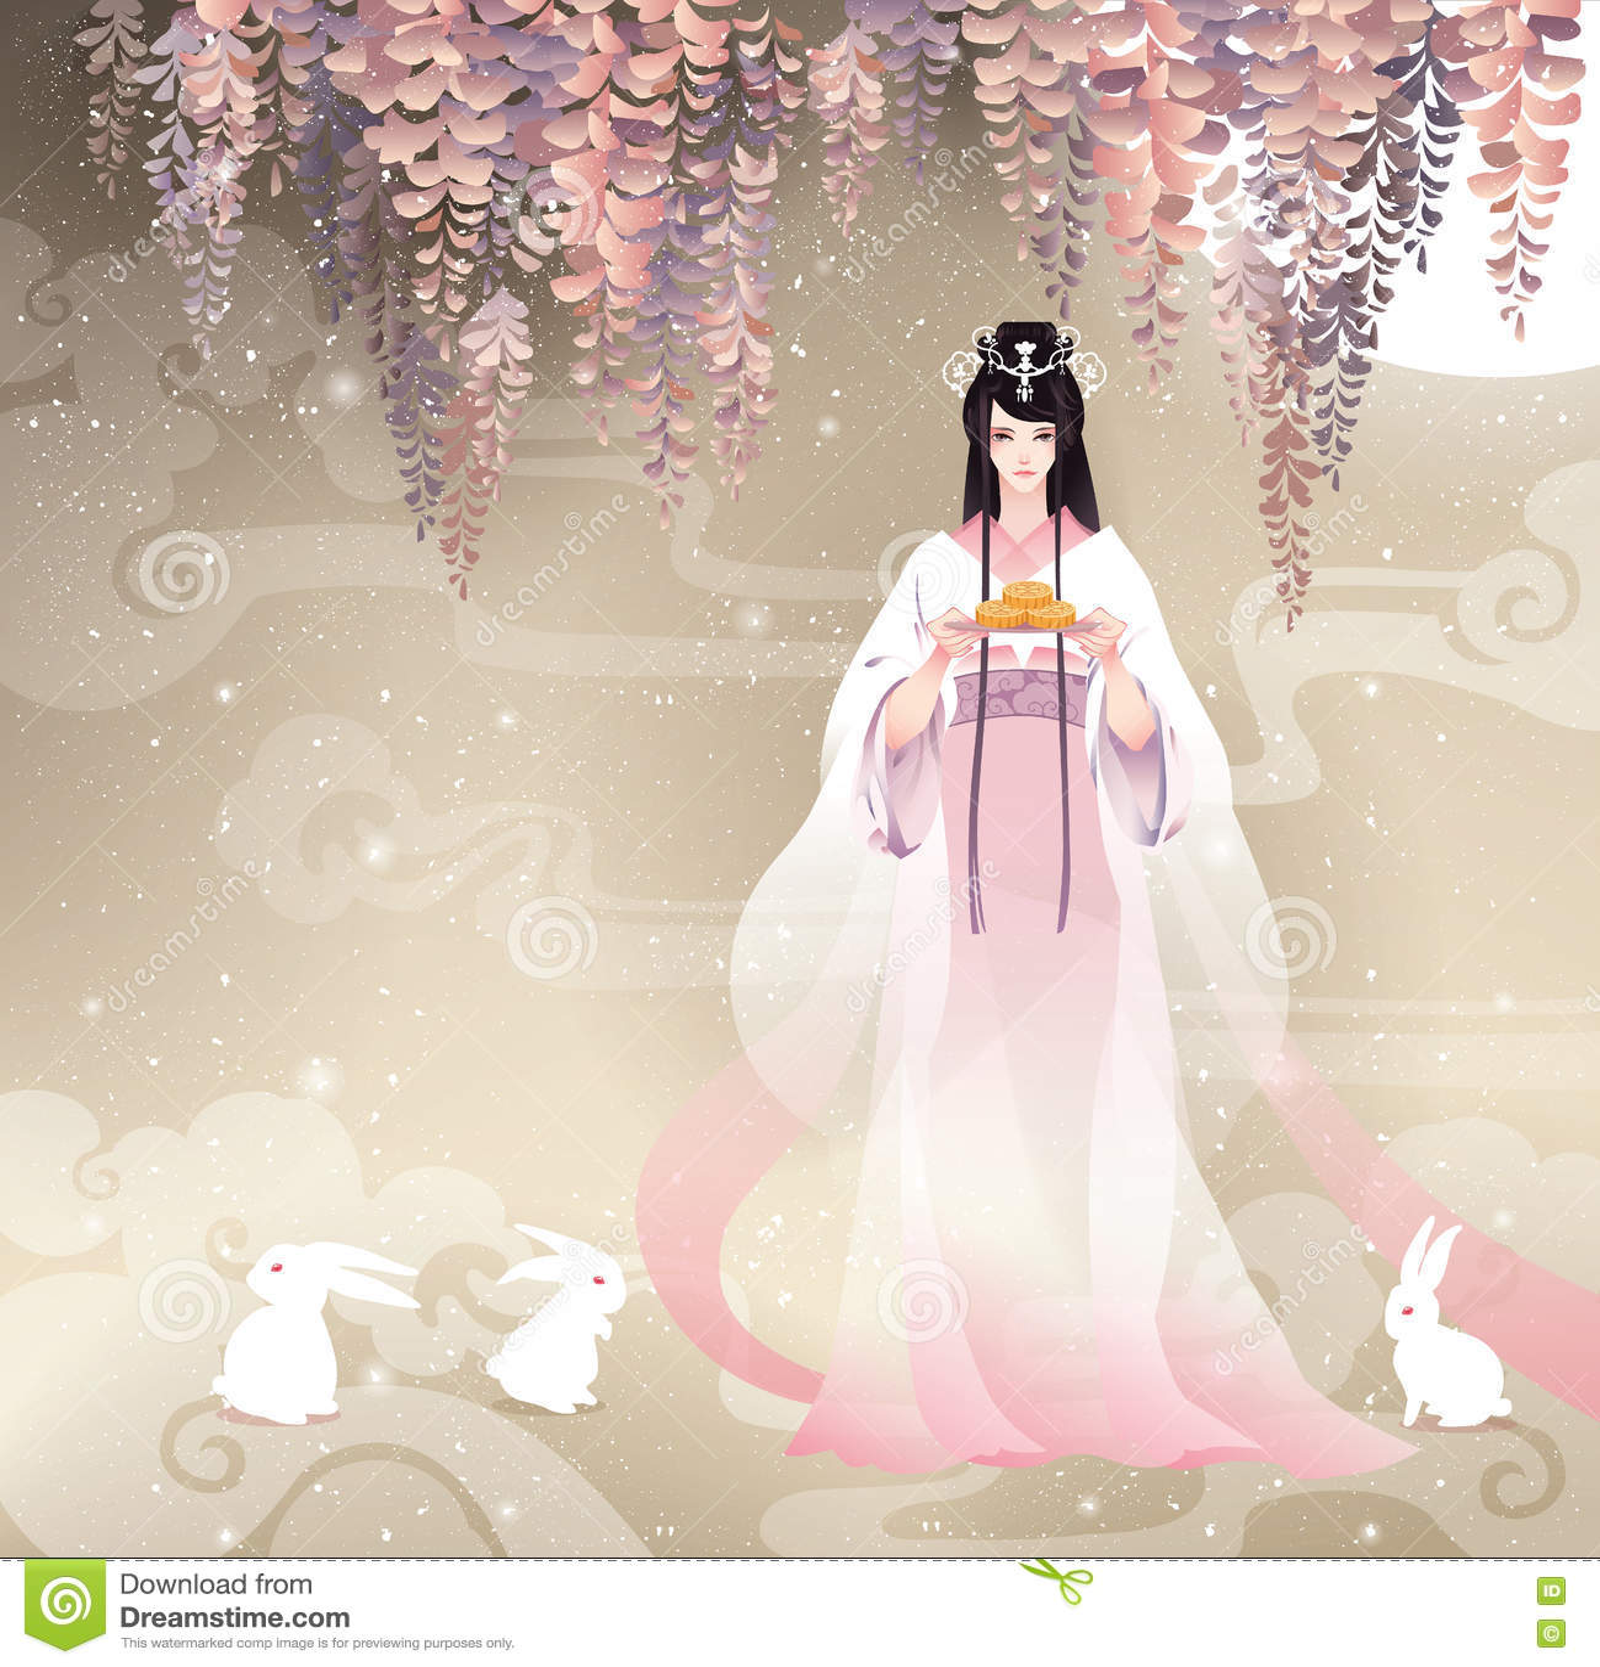 Chińska bogini księżyc, Chang e i księżyc, zasychamy Wektorowy ilustracyjny w połowie jesień festiwal